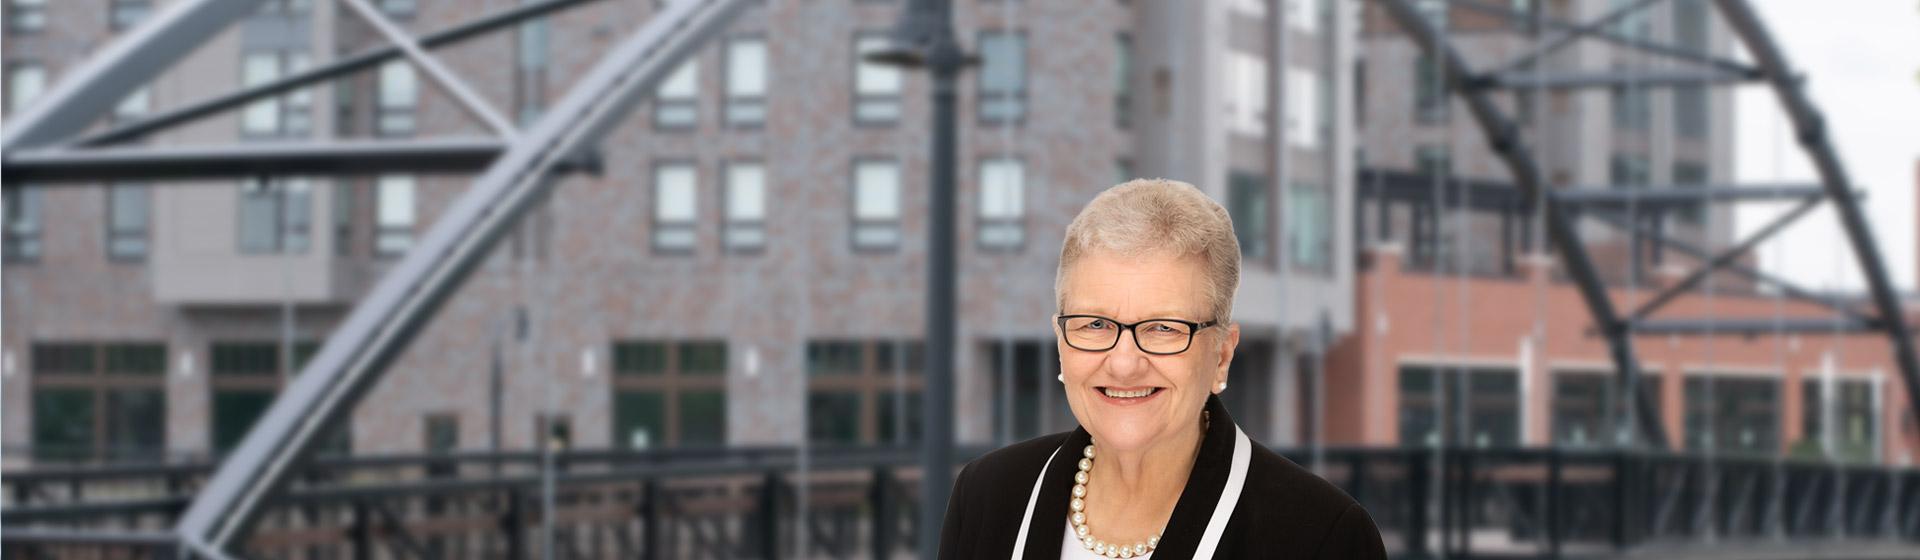 Banner photo of Paula S. Dzialowy